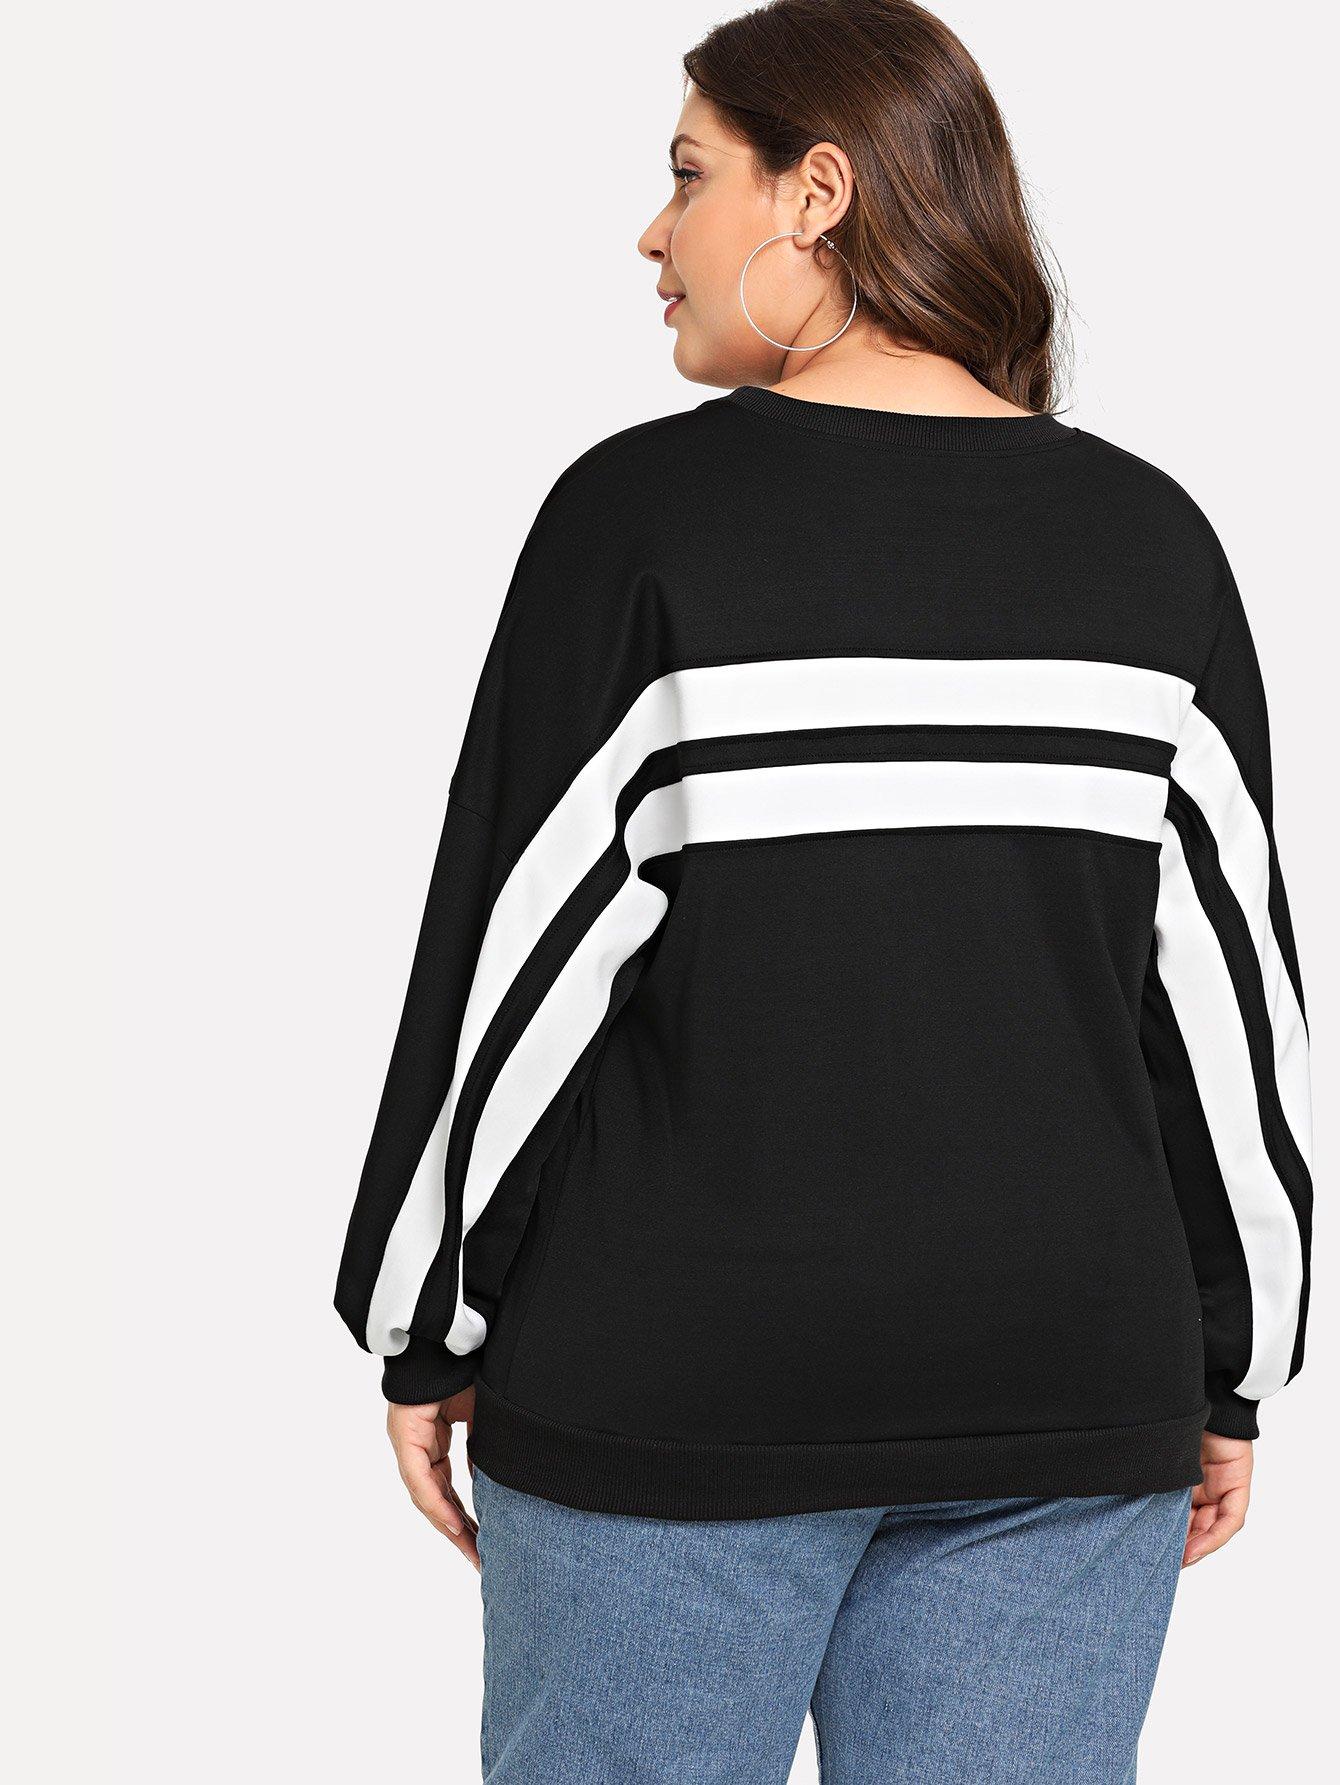 Купить Большая тонкая-полосатая спортивная футболка и с падениями плеча, Carol, SheIn